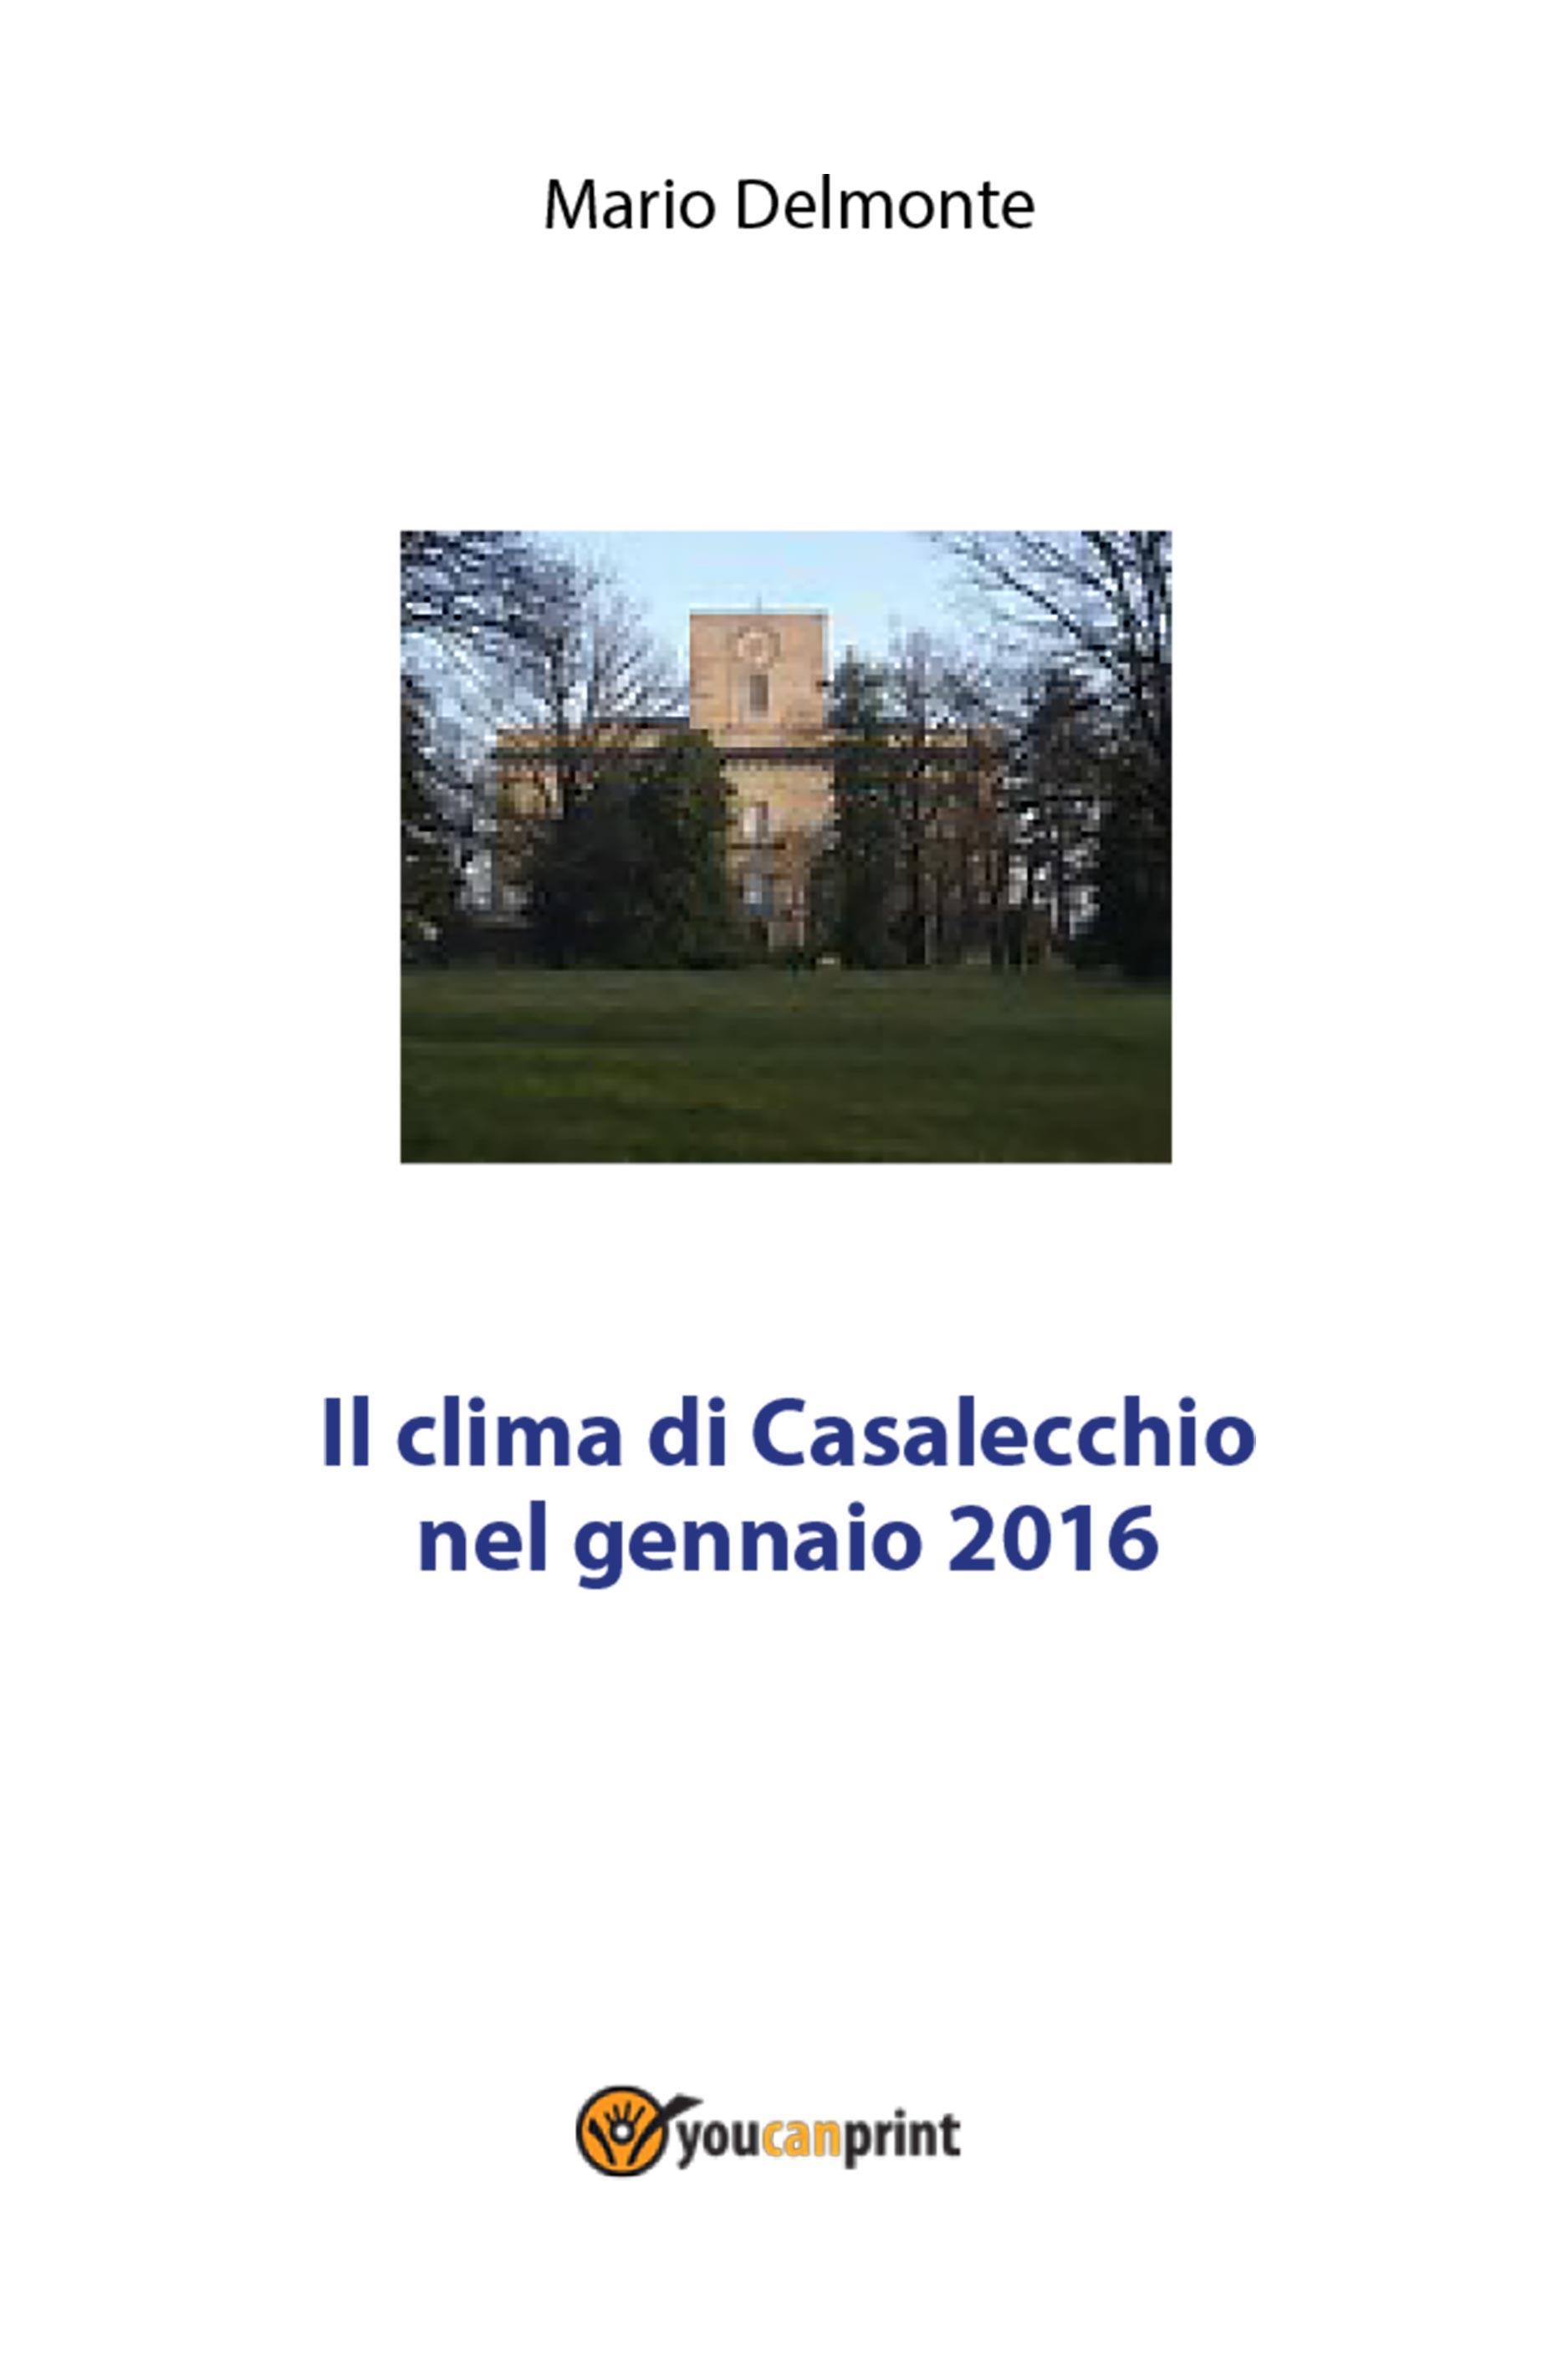 Il clima di Casalecchio nel gennaio 2016